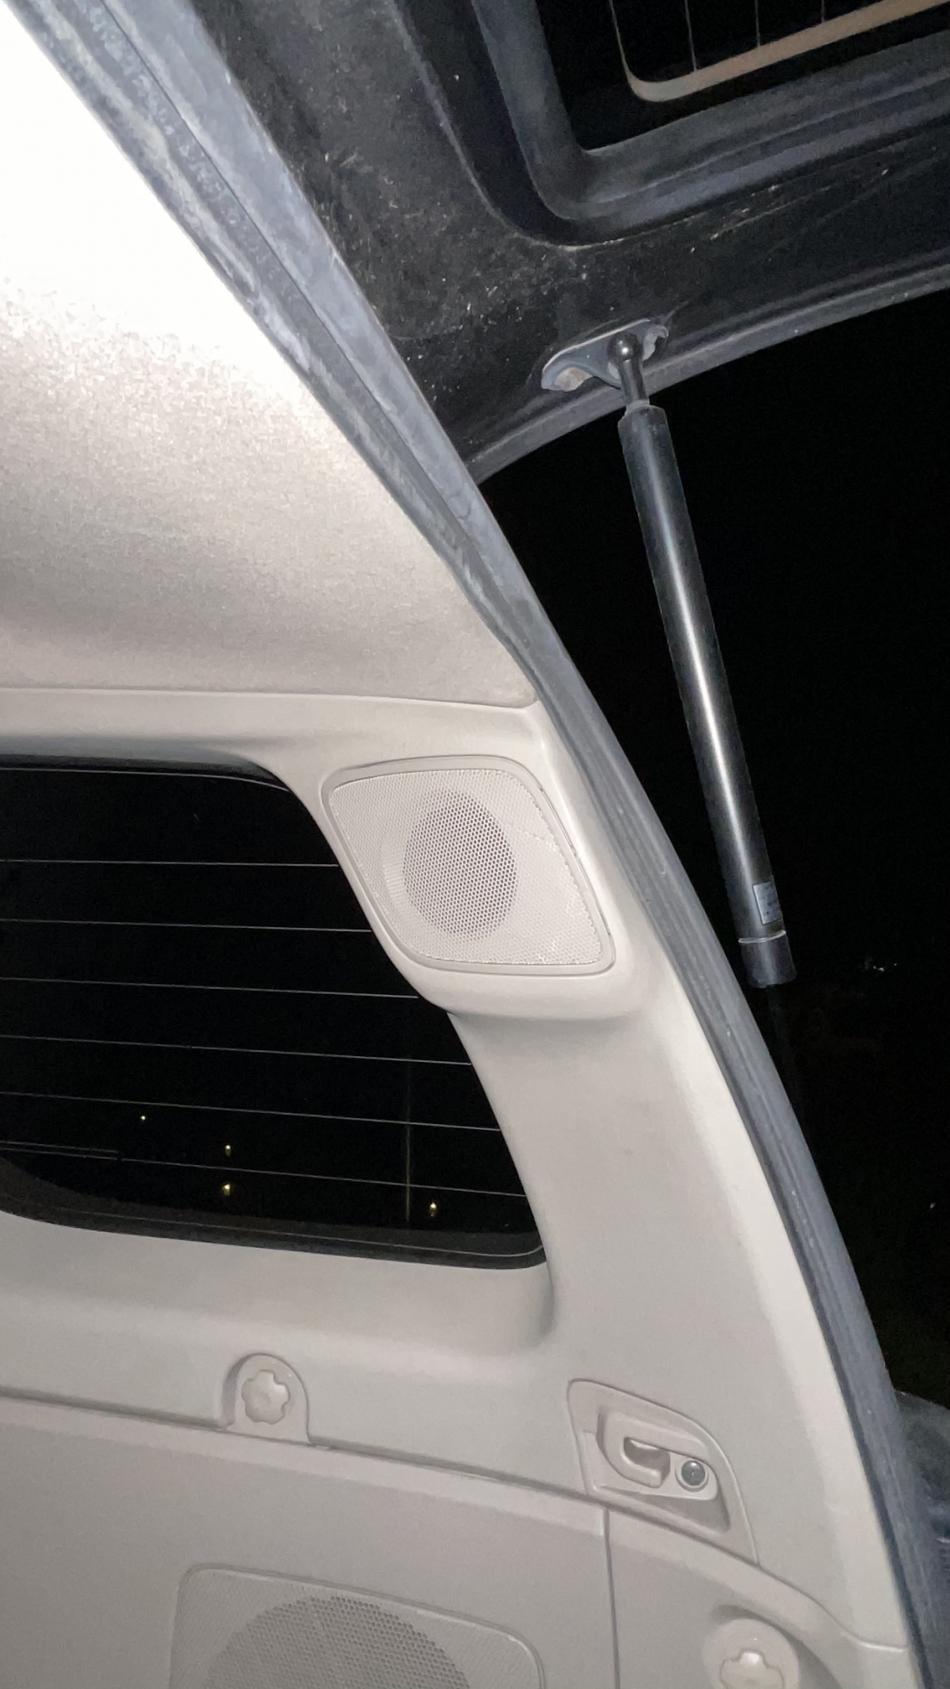 Need help with JBL speaker grill part number-8d6e7843-267f-455f-8169-75edb74b64b6-jpg